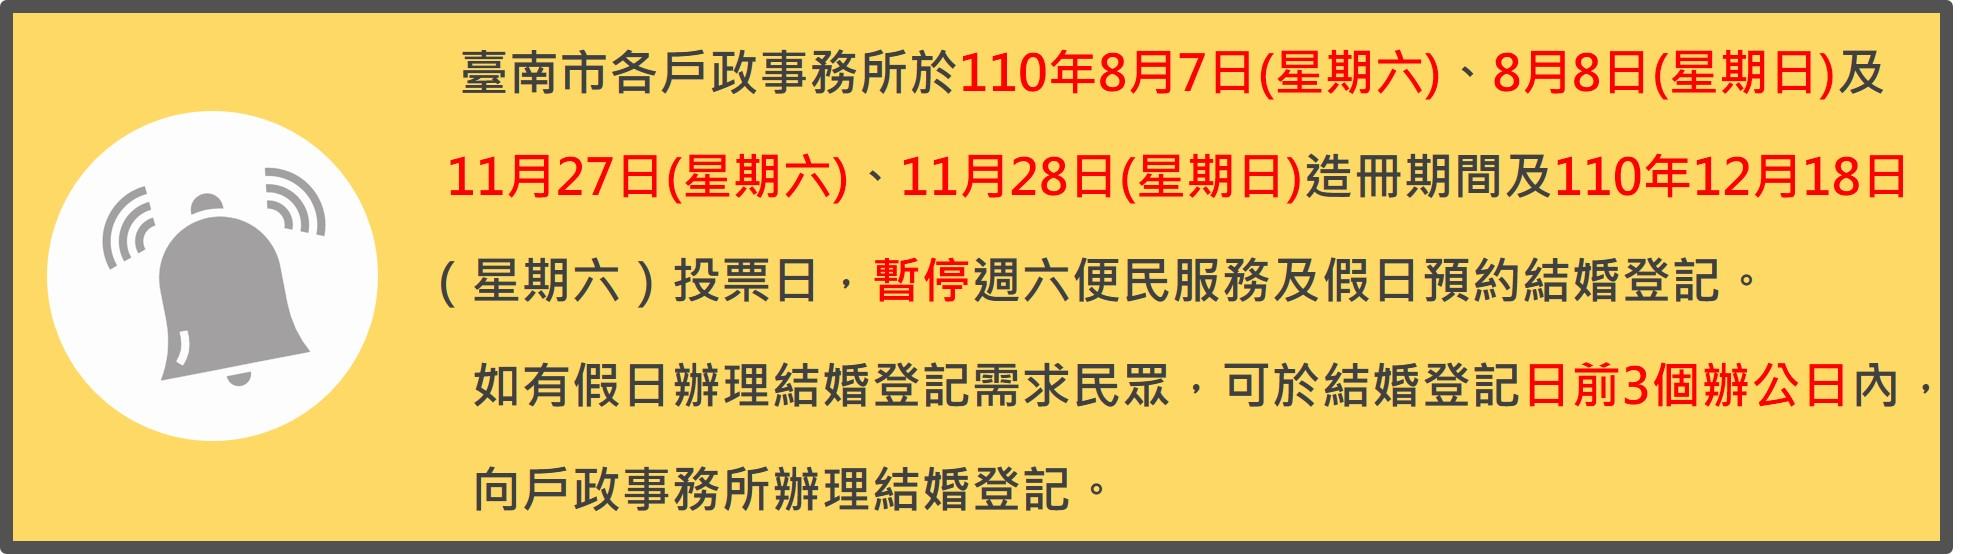 110年選舉造冊日、投票日暫停服務公告